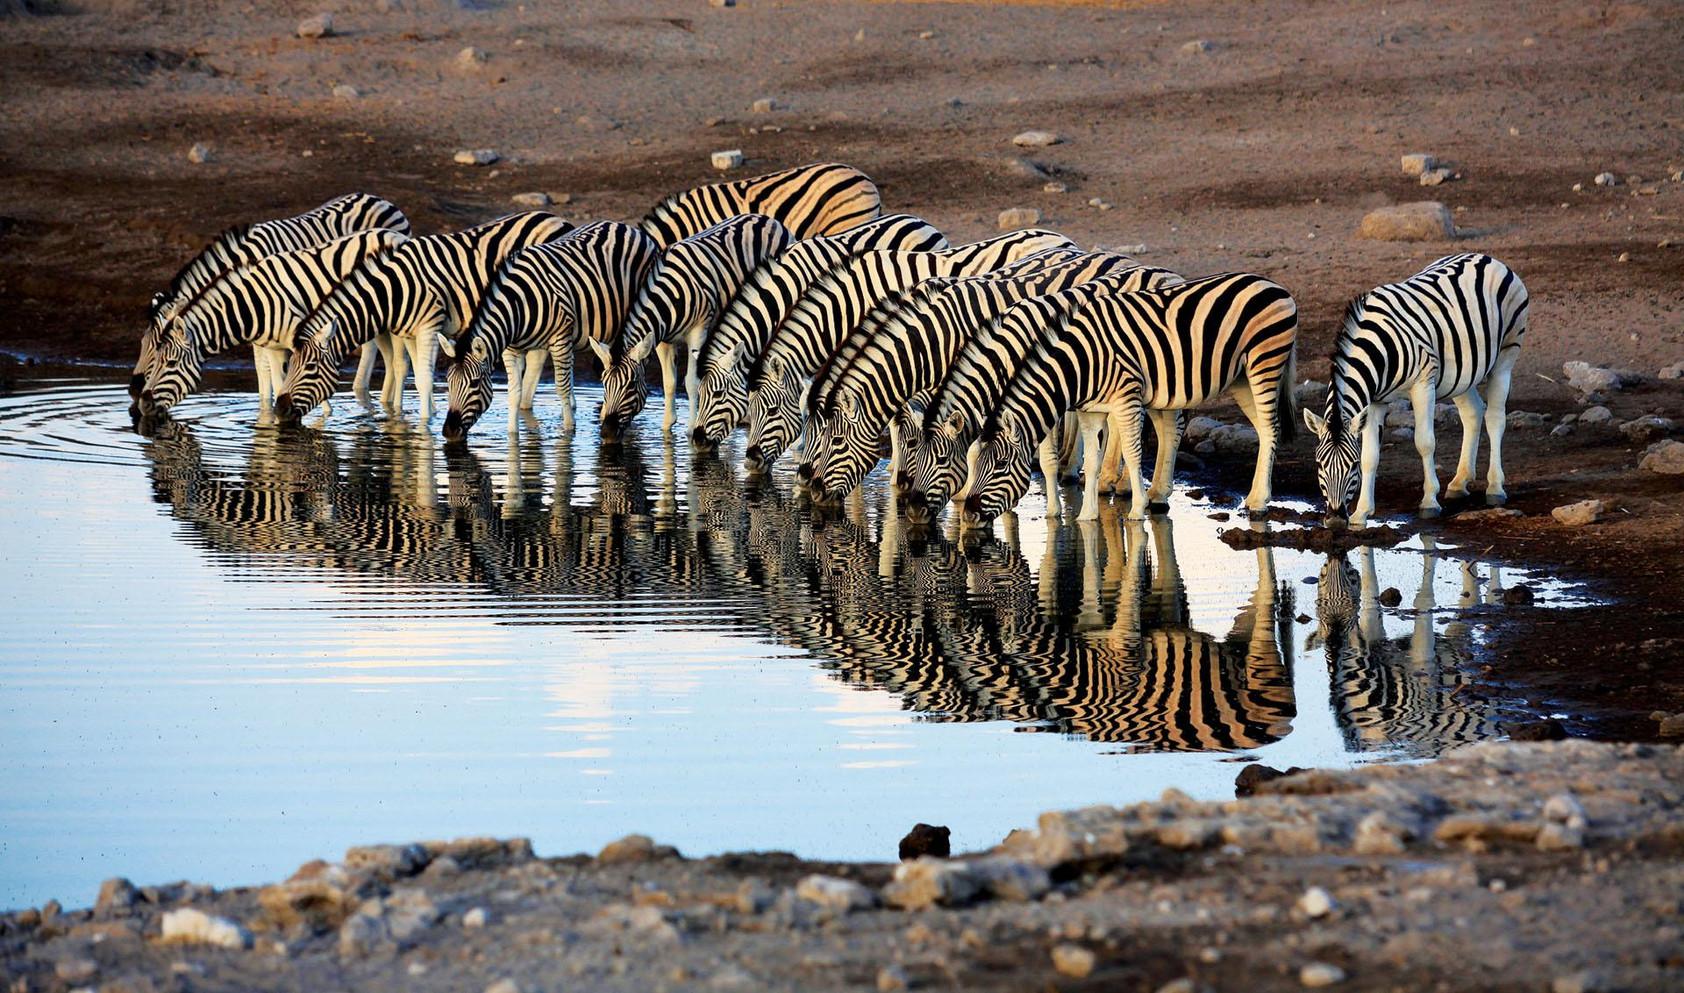 07_namibia_20101105_111104.jpg